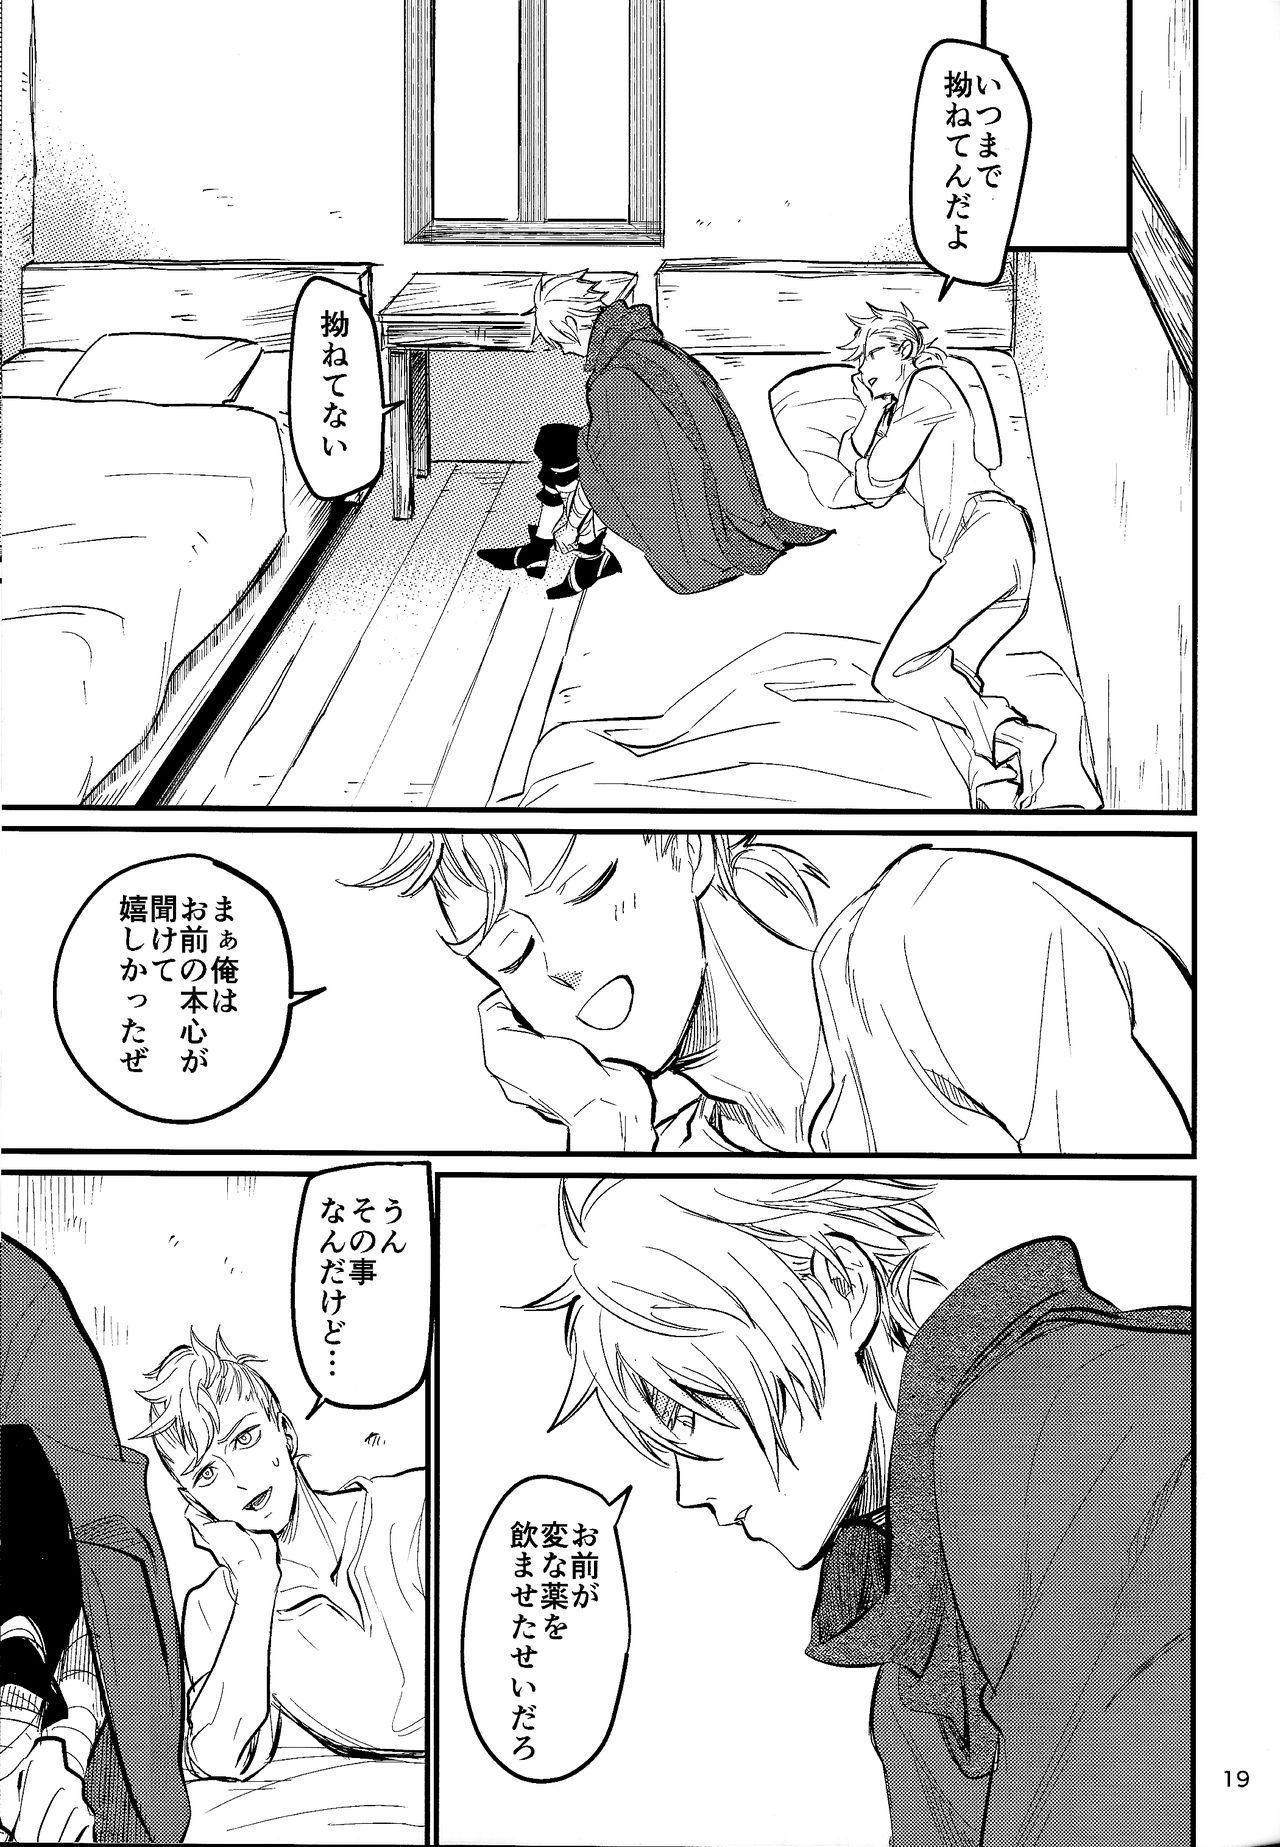 Shoujiki-sha wa ai o miru 16